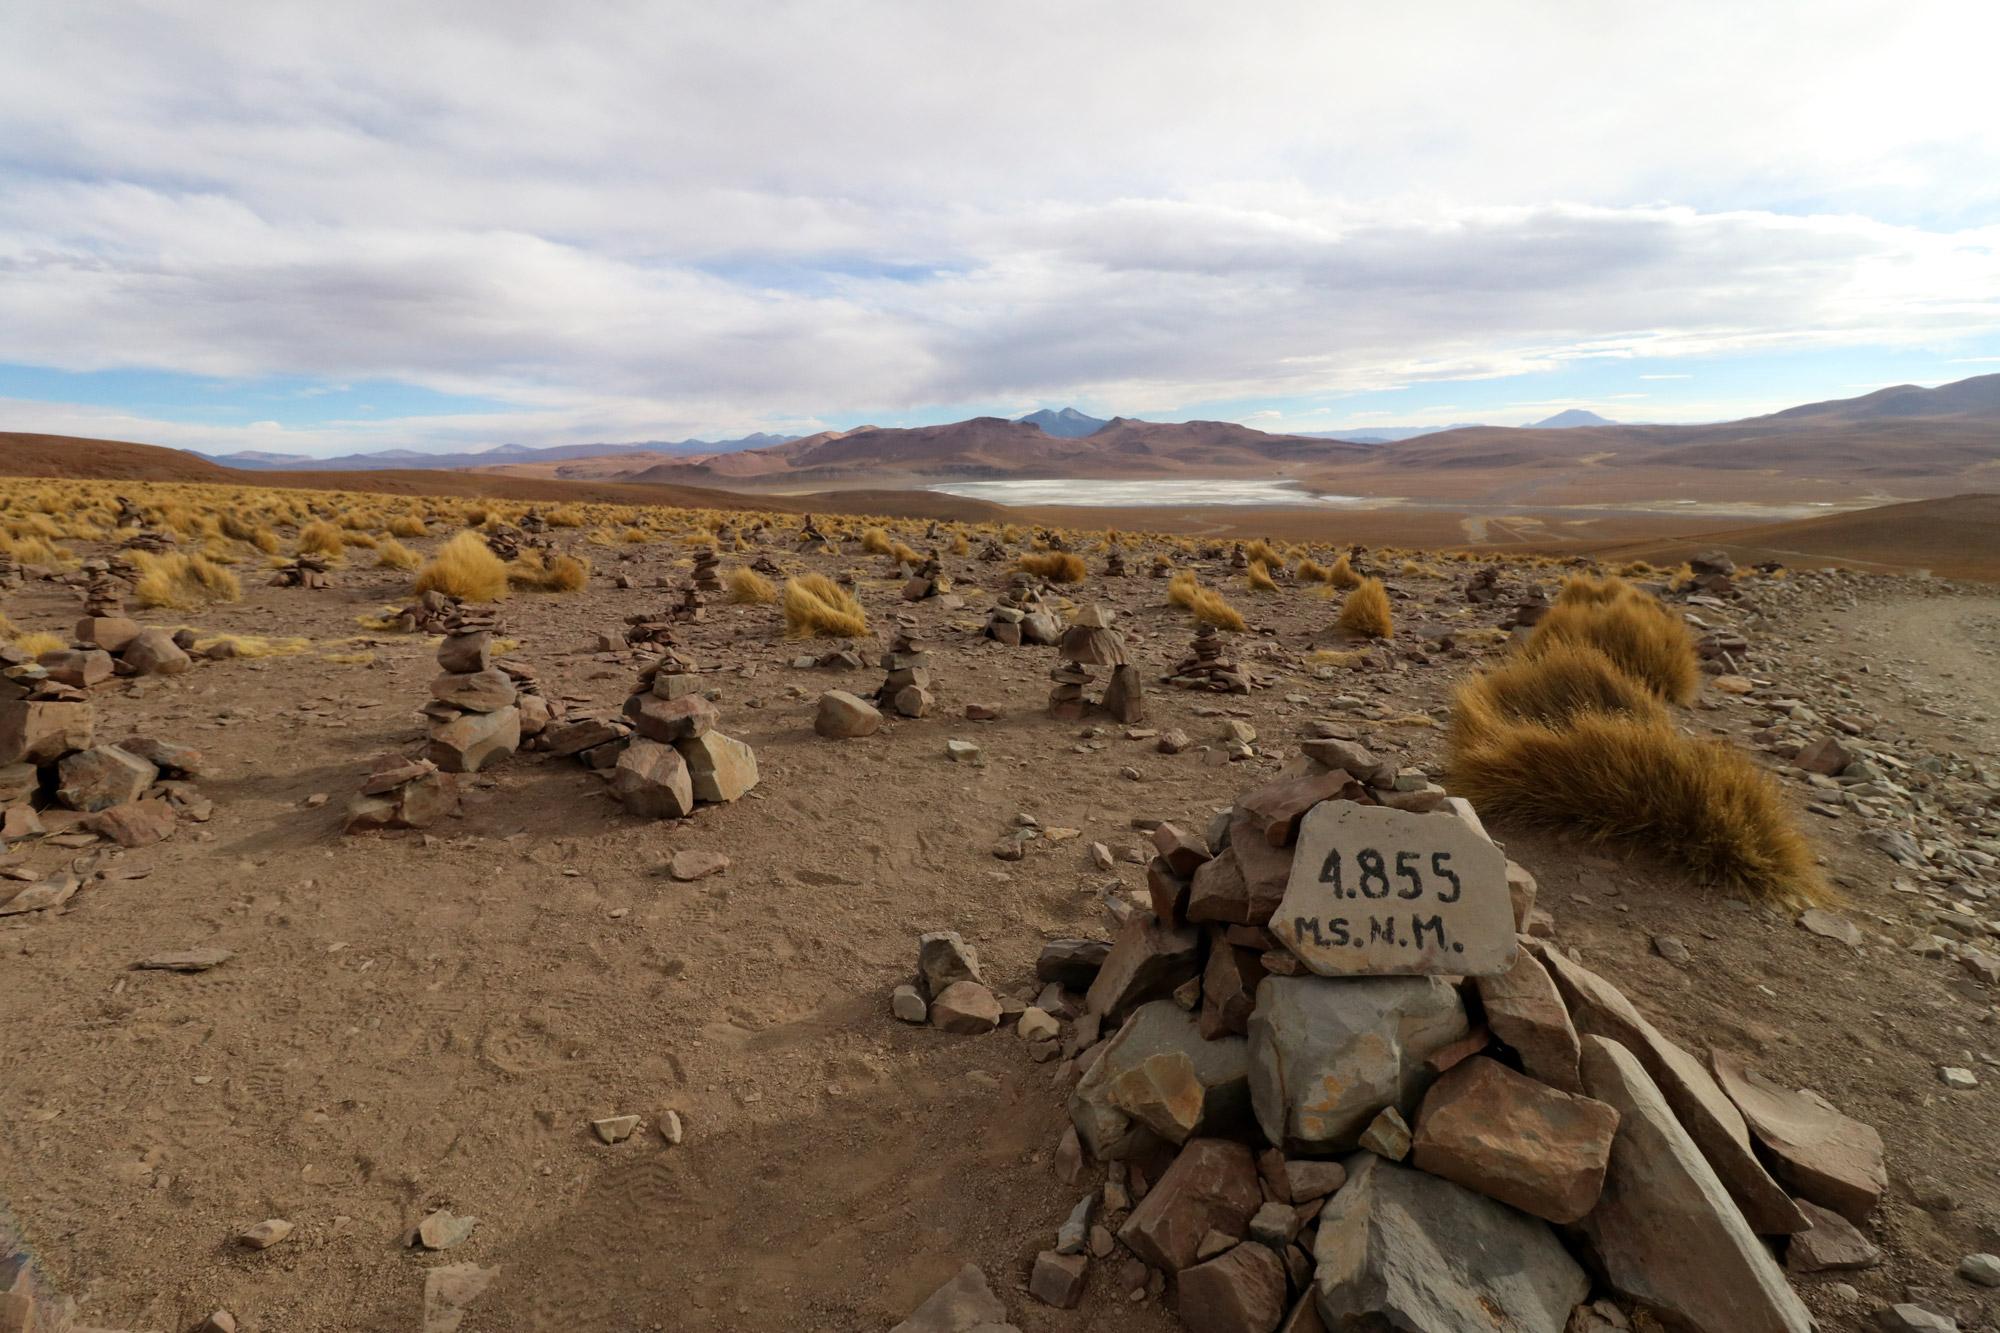 Bolivia 2016 - Dag 9 - De vulkaan Uturuncu